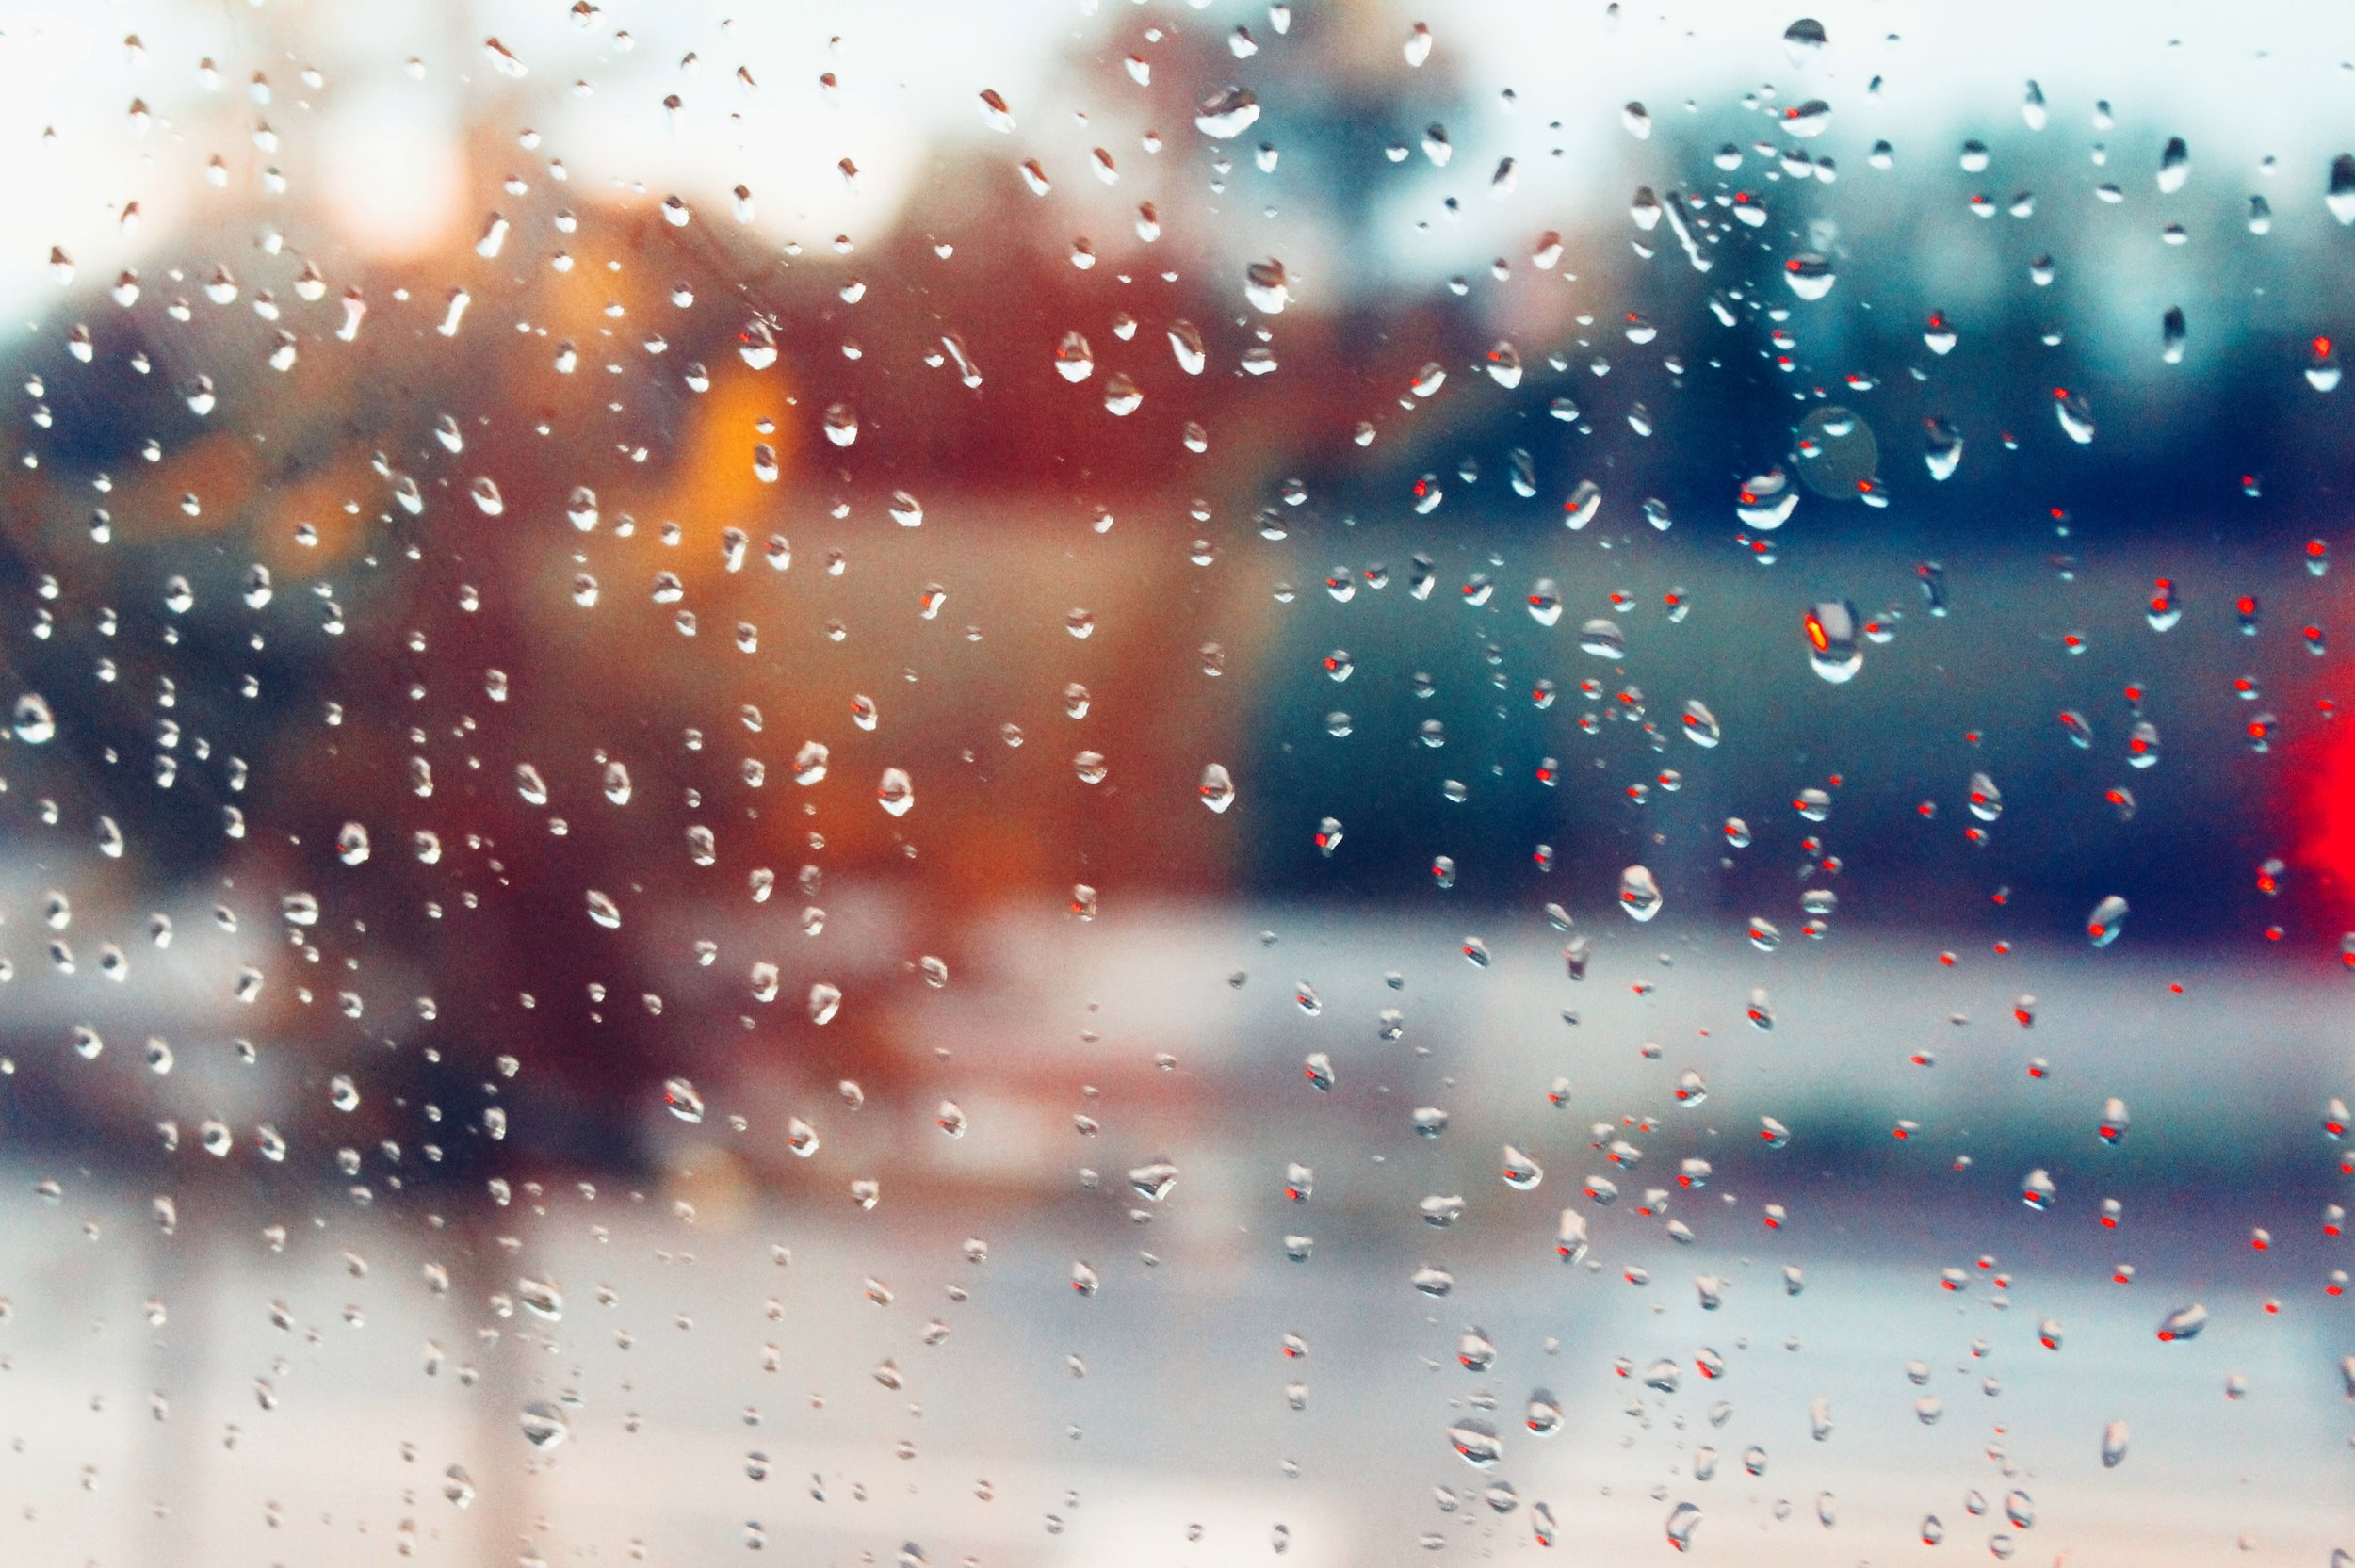 moist-window.jpg